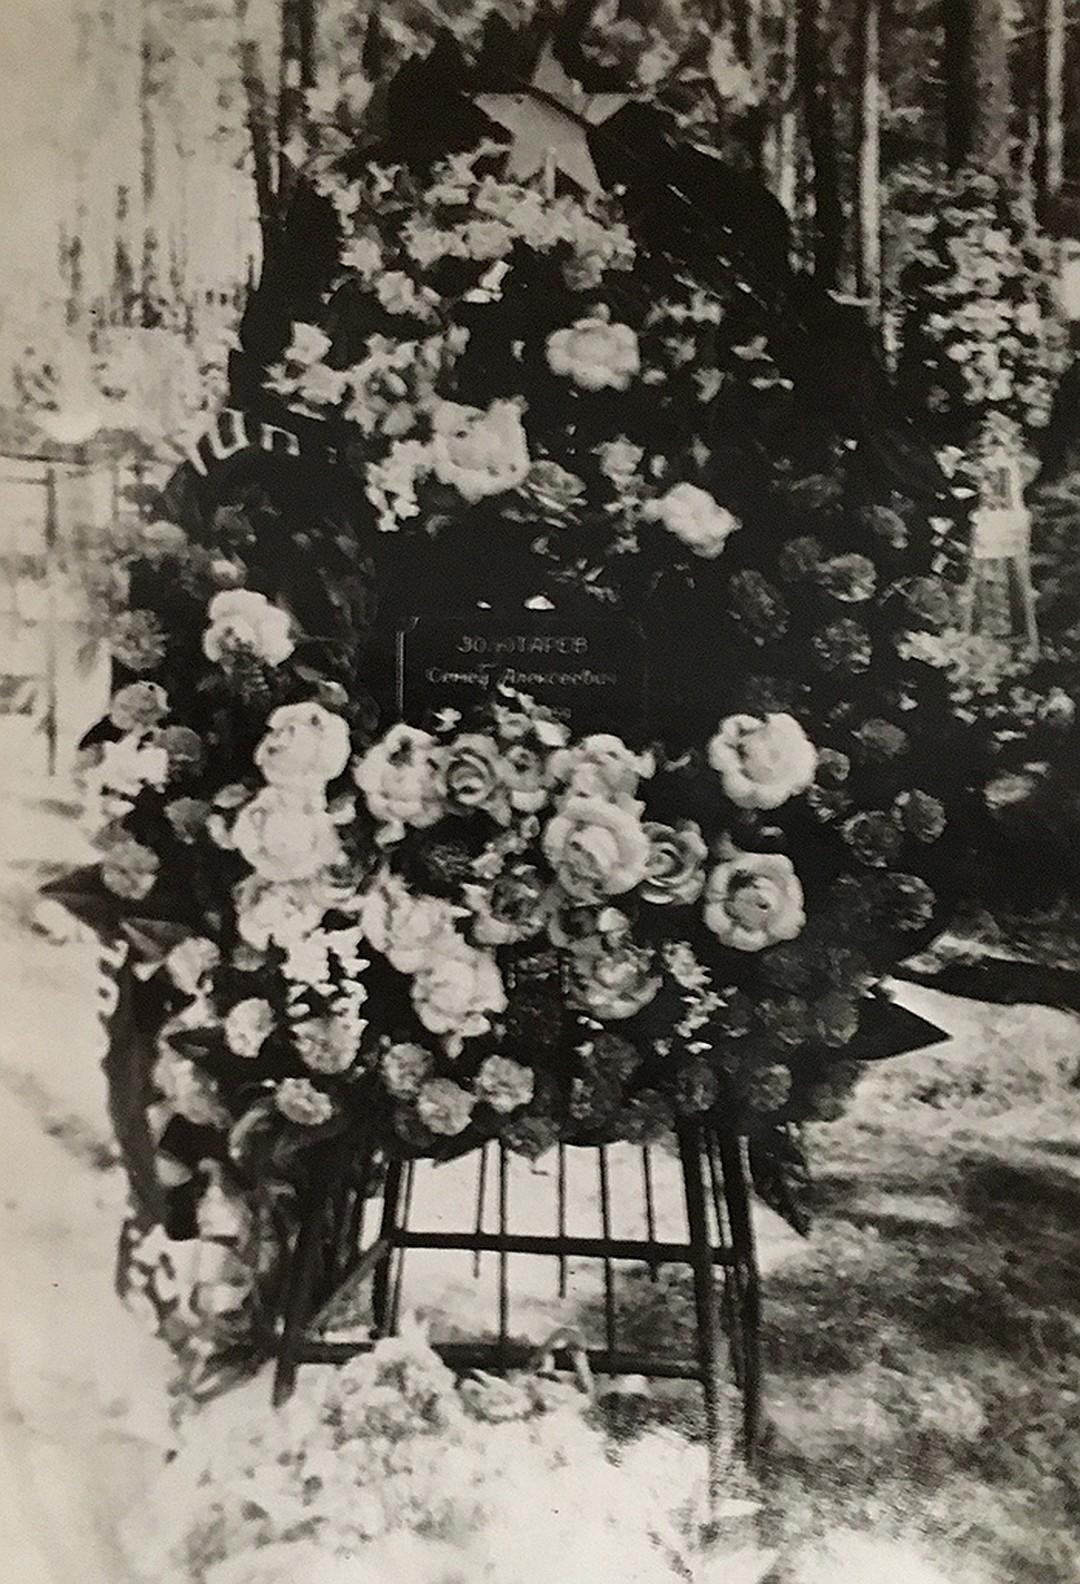 Могила Семена Золотарева сразу после его похорон. Обратим внимание на количество венков. Кто-то позаботился, чтобы все выглядело достойно.